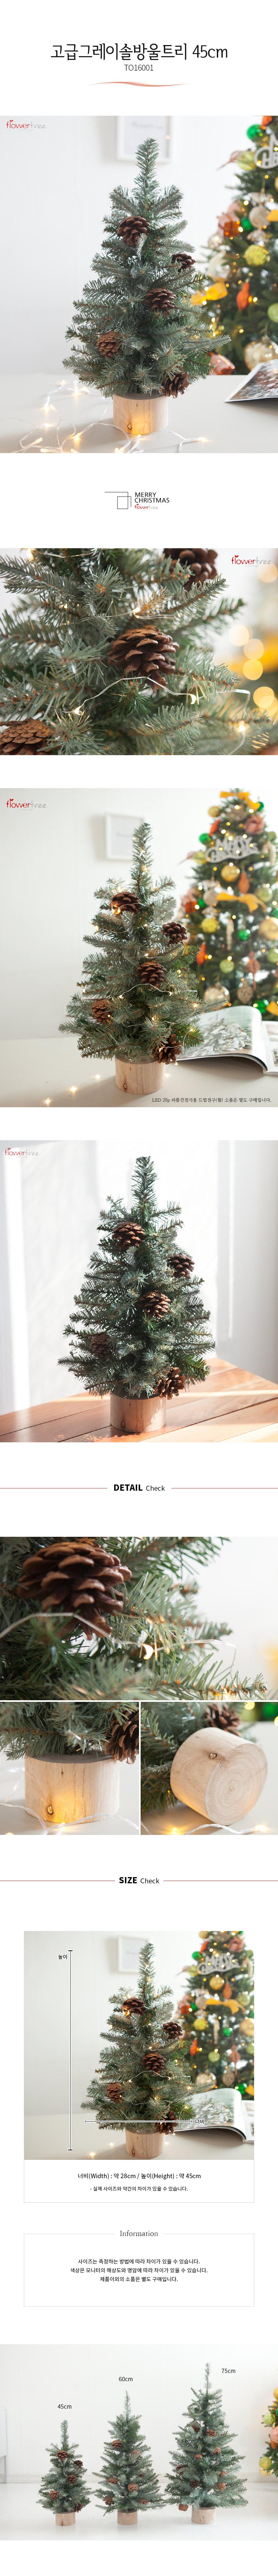 고급그레이솔방울트리 45cm 트리 크리스마스 TRHMES - 플라워트리, 13,800원, 트리, 미니트리